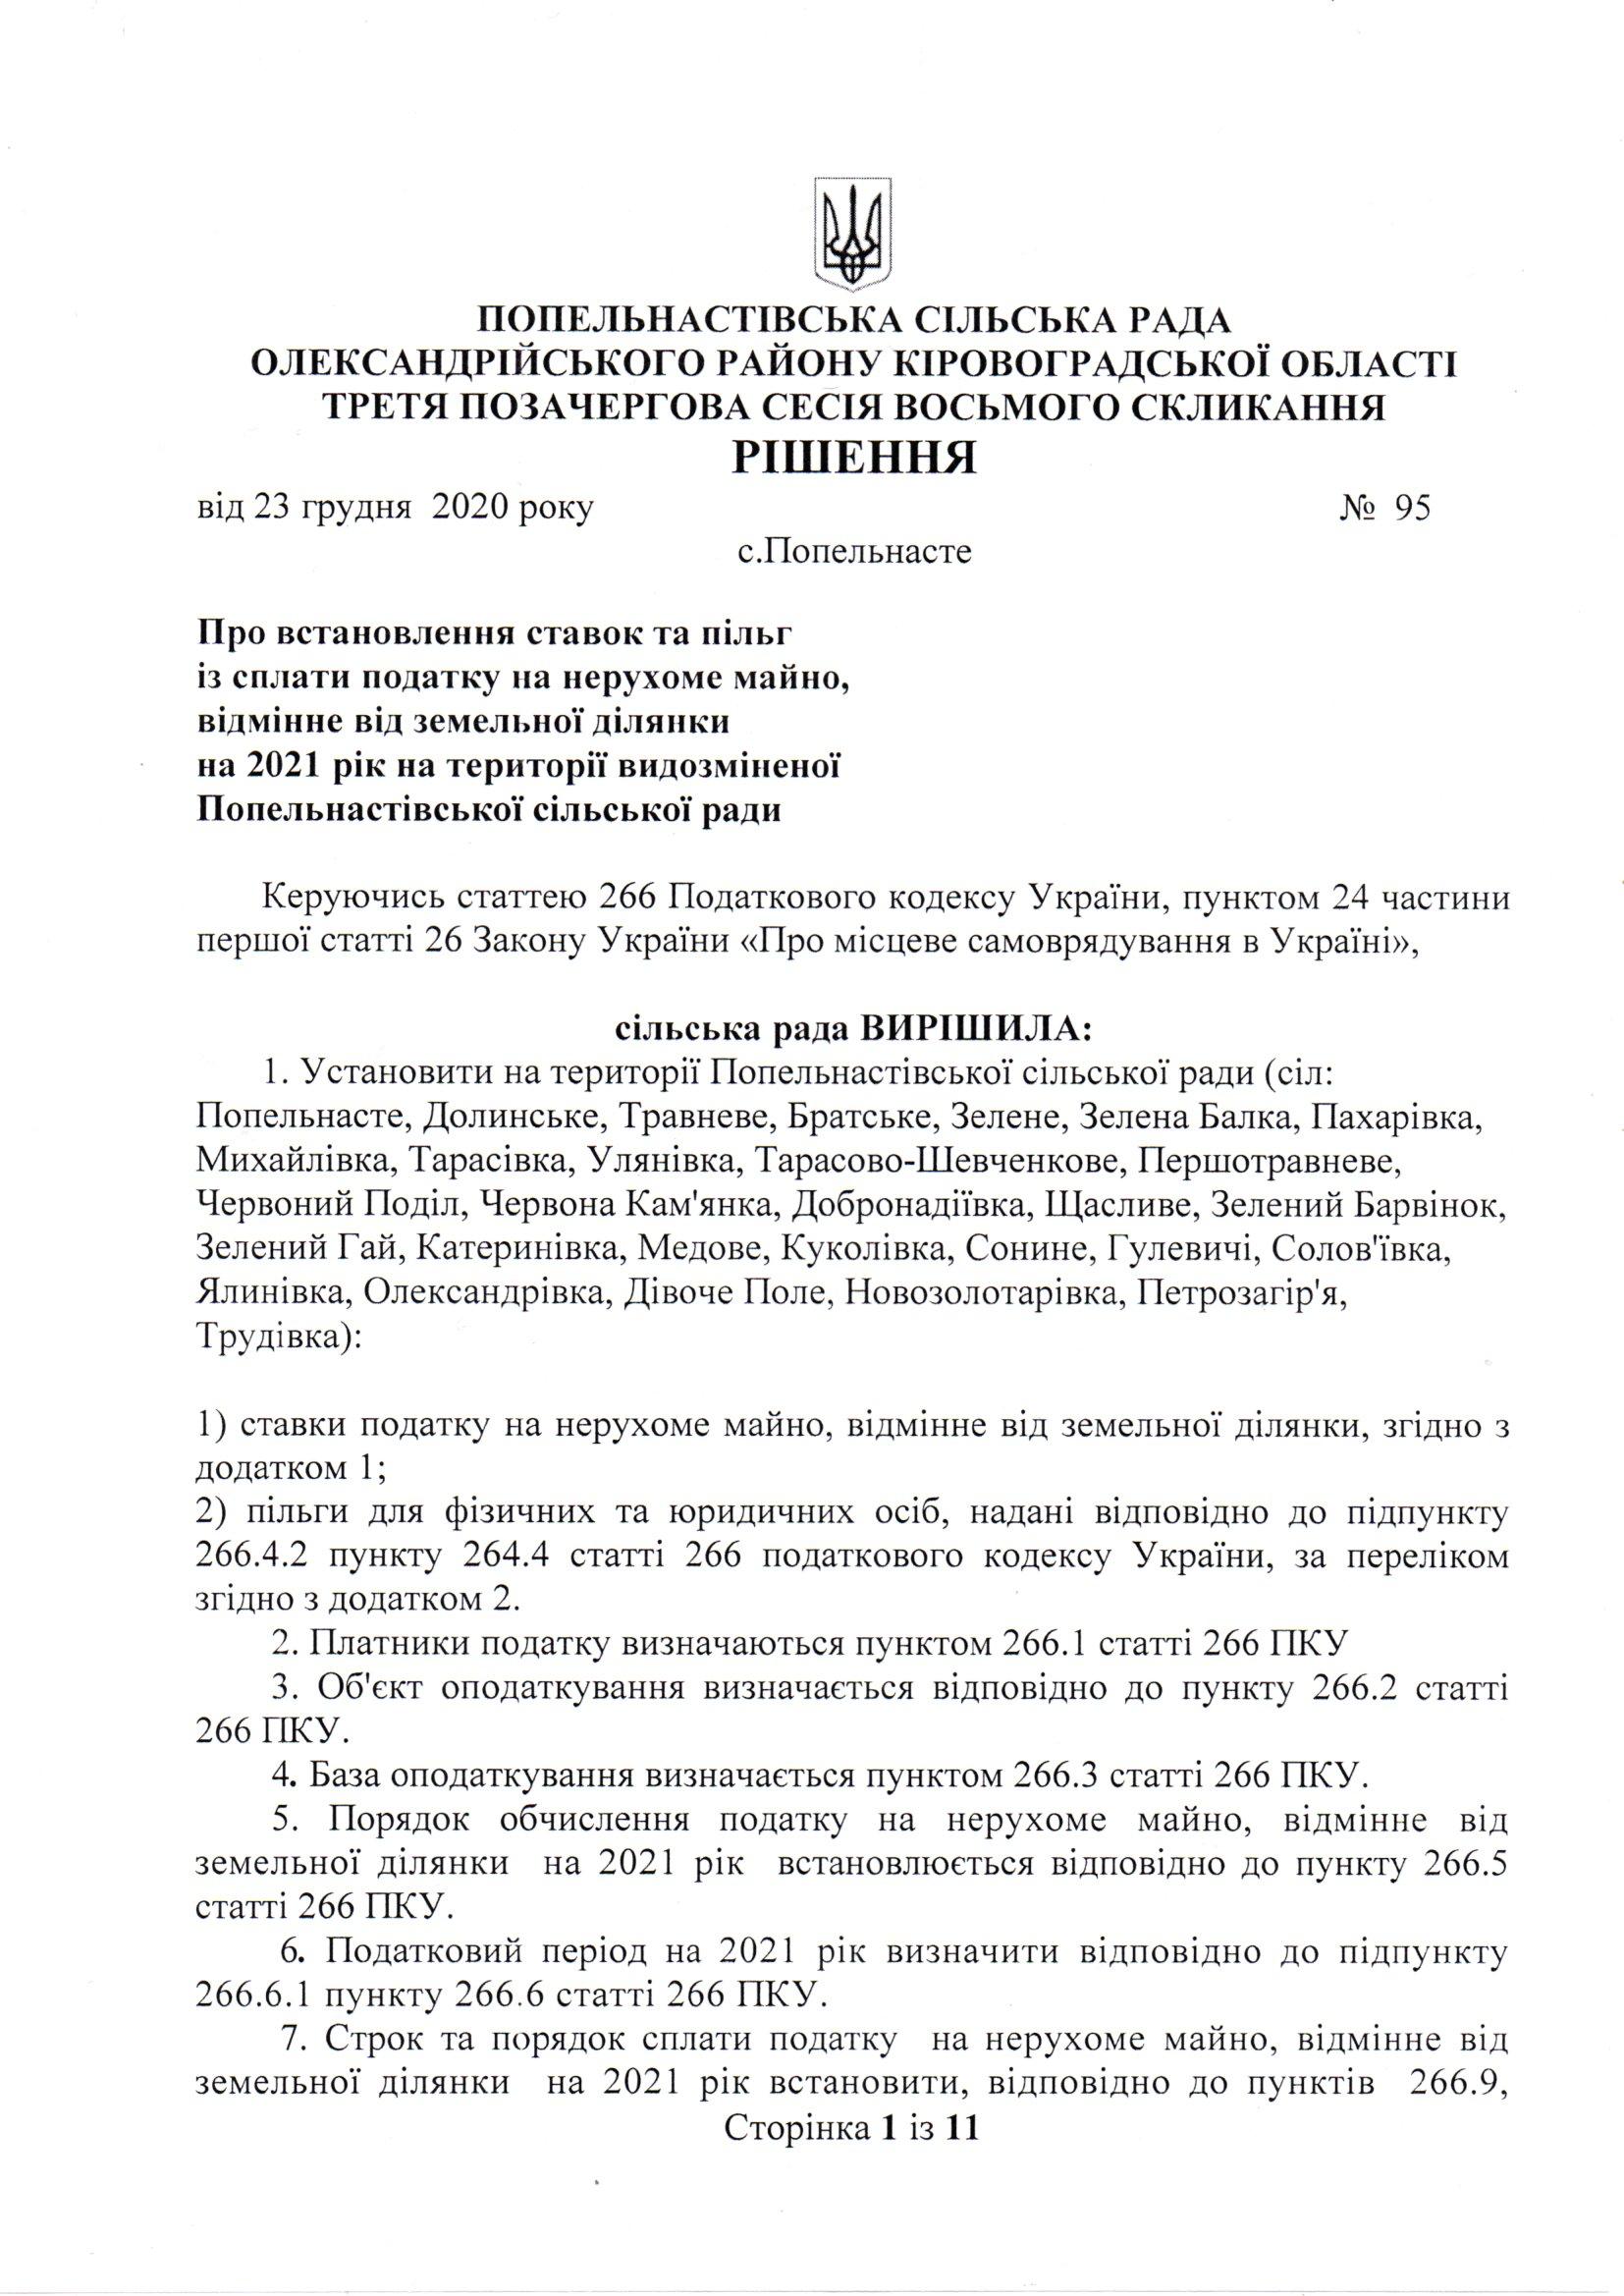 Рішення третьої позачергової сесії восьмого скликання № 95 від 23 грудня 2020 року